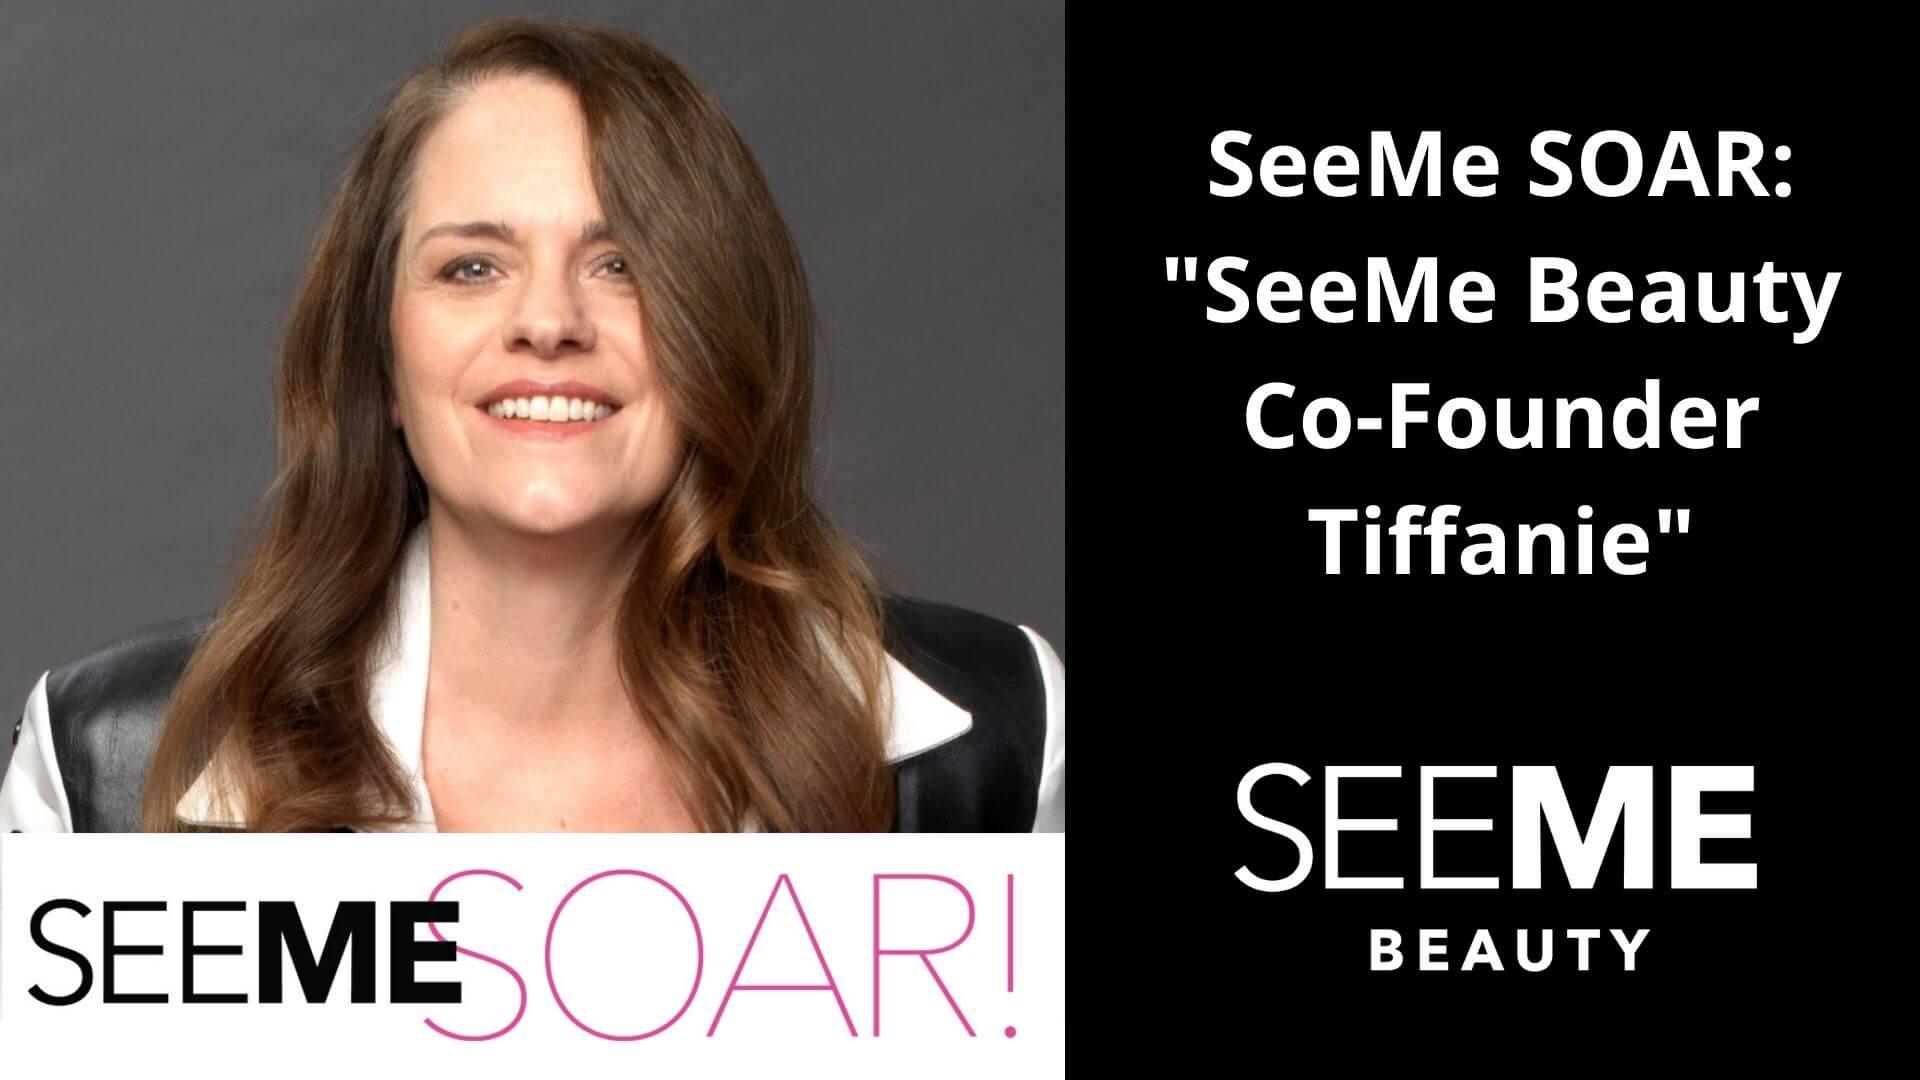 SeeMe SOAR: SeeMe Beauty Co-Founder Tiffanie